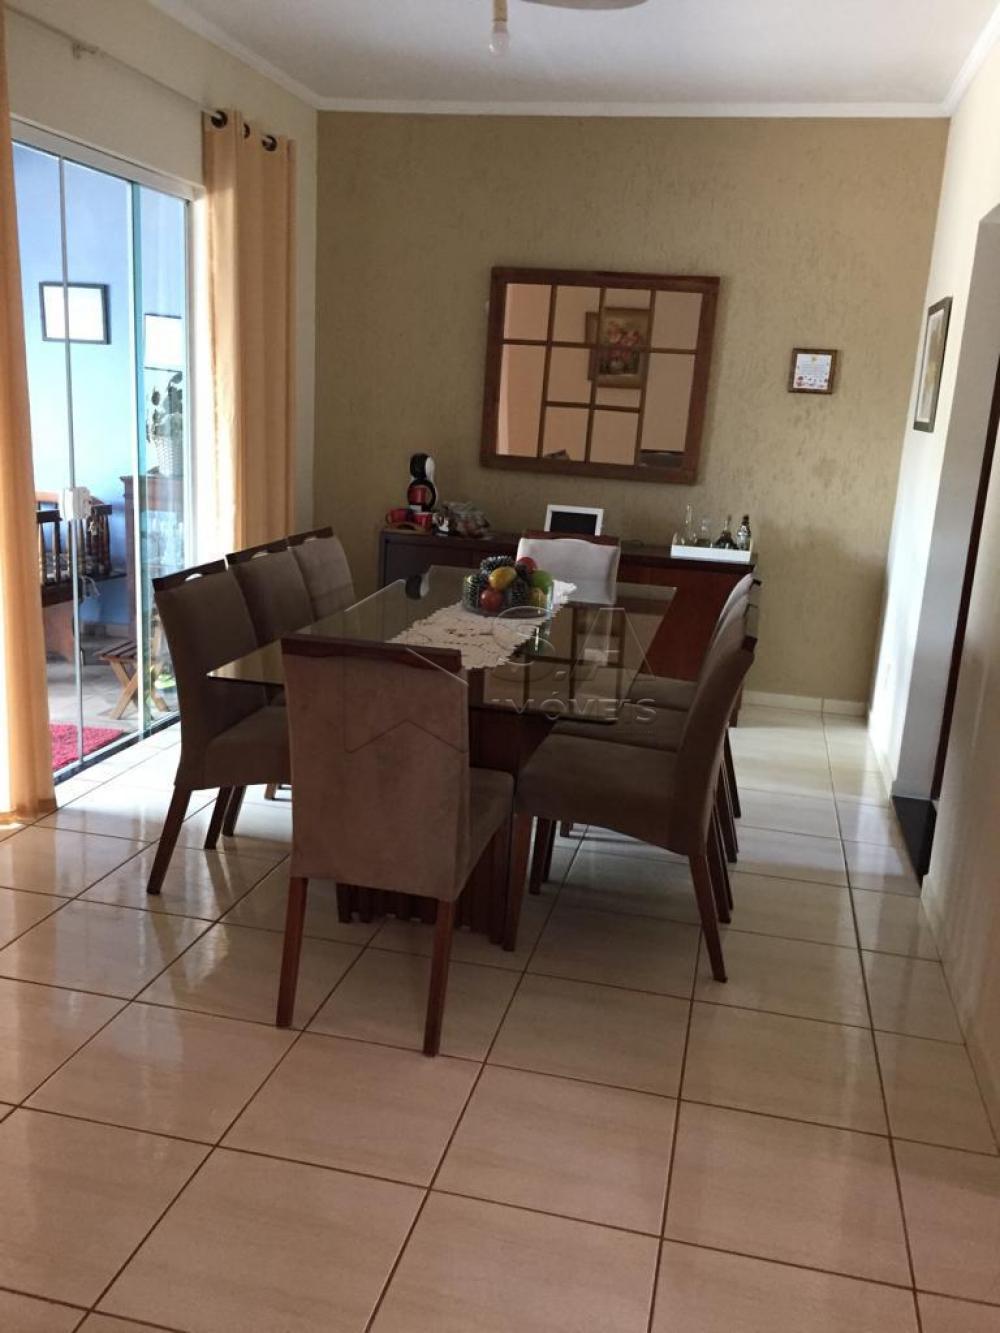 Comprar Casa / Padrão em Botucatu apenas R$ 340.000,00 - Foto 7